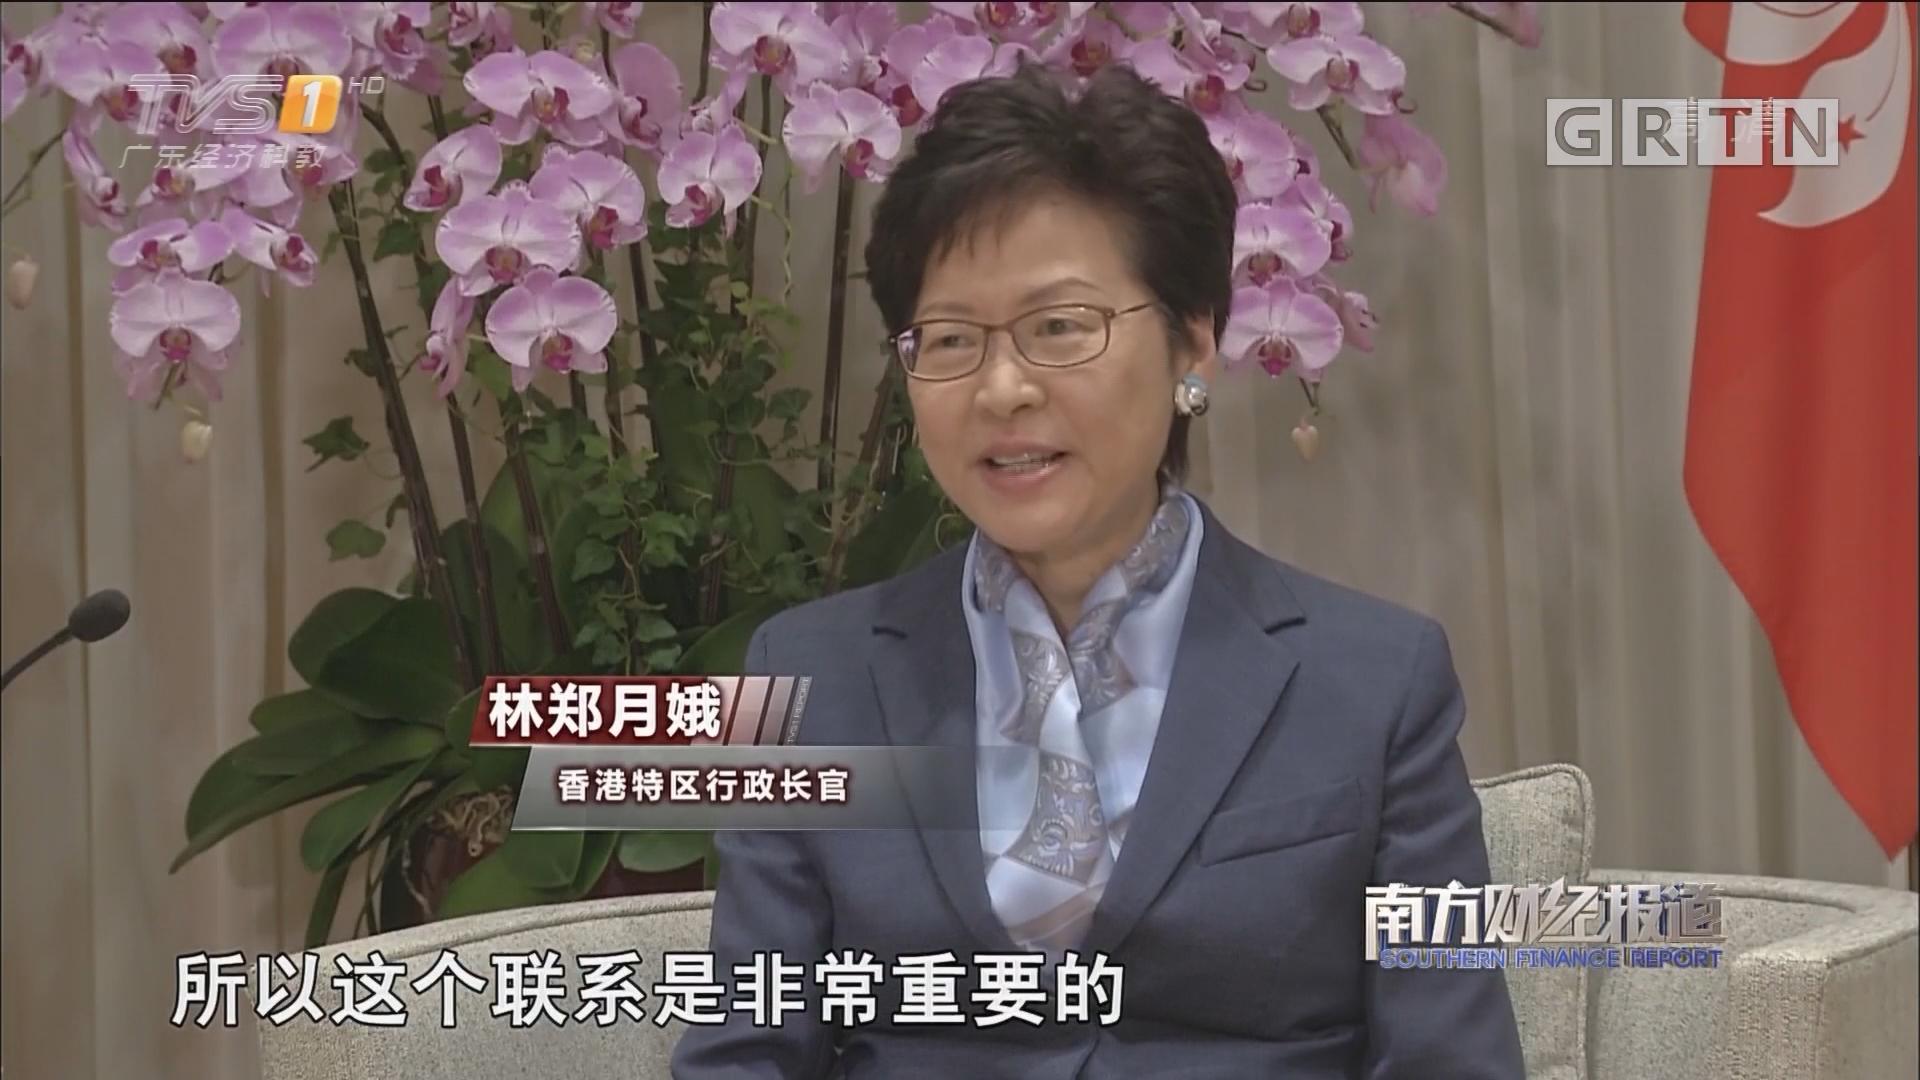 林郑月娥:高铁紧密联系香港与内地 跨境基建助力粤港澳大湾区发展